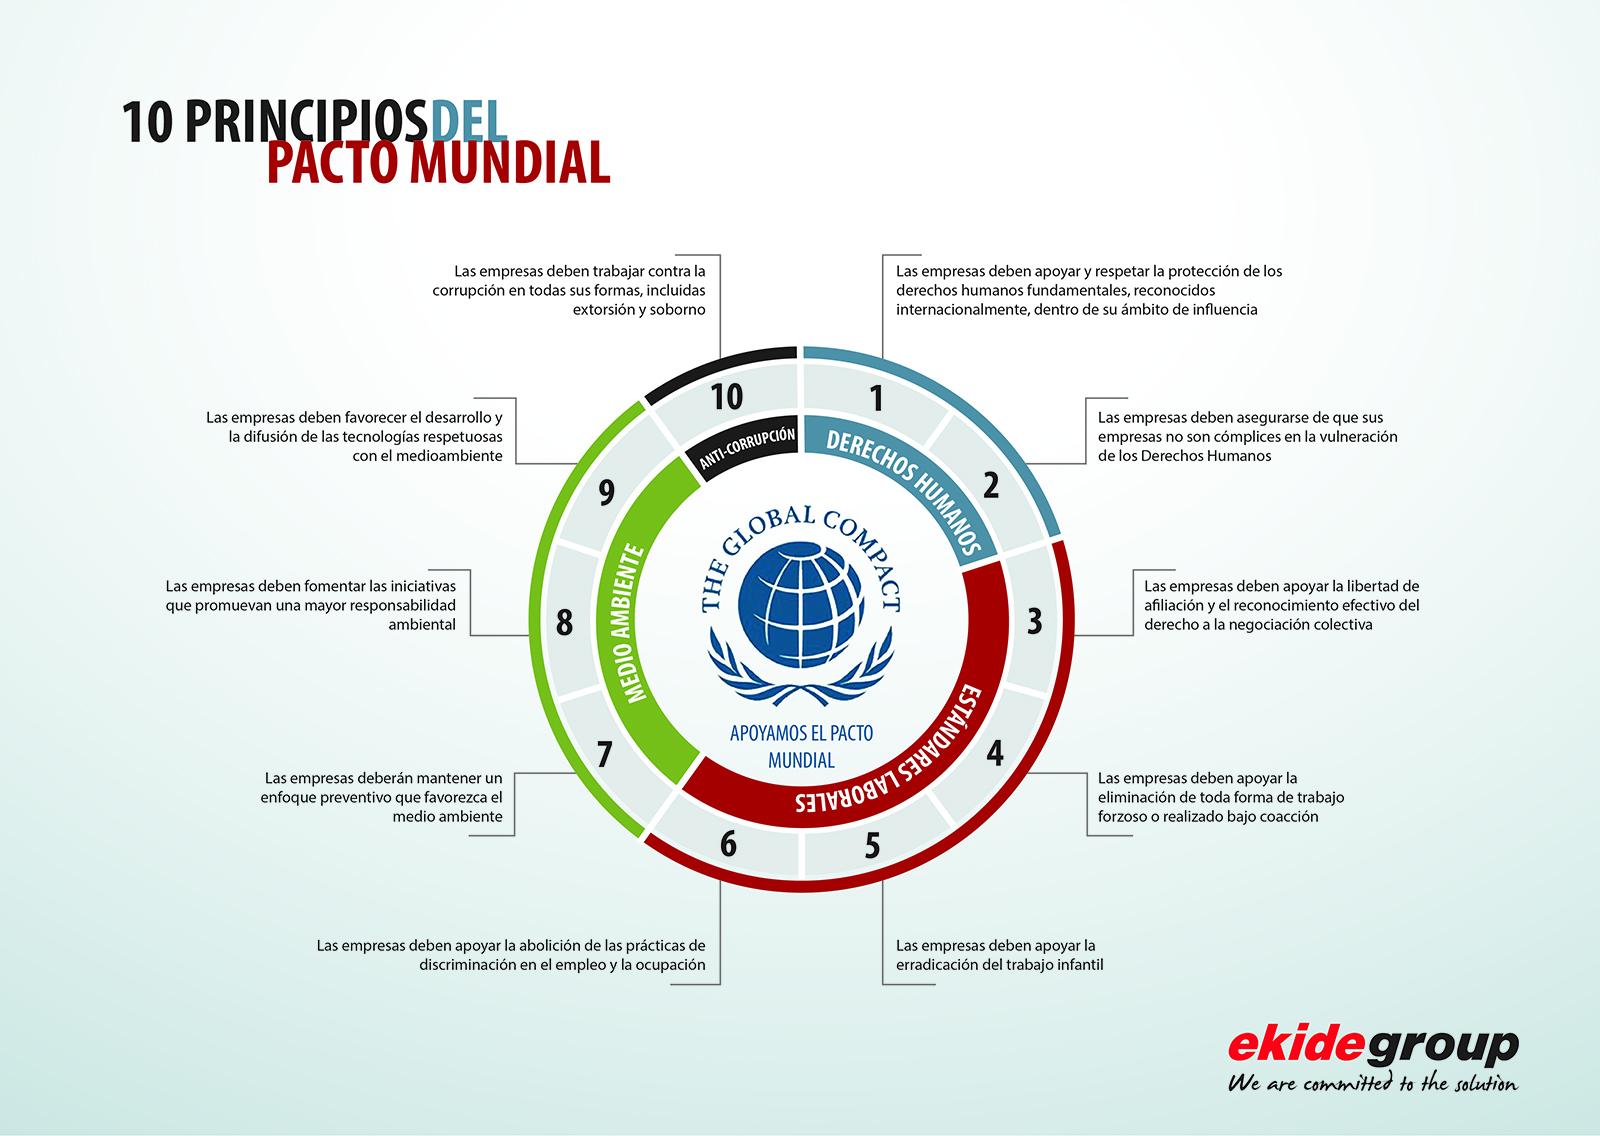 Diez principios del pacto mundial